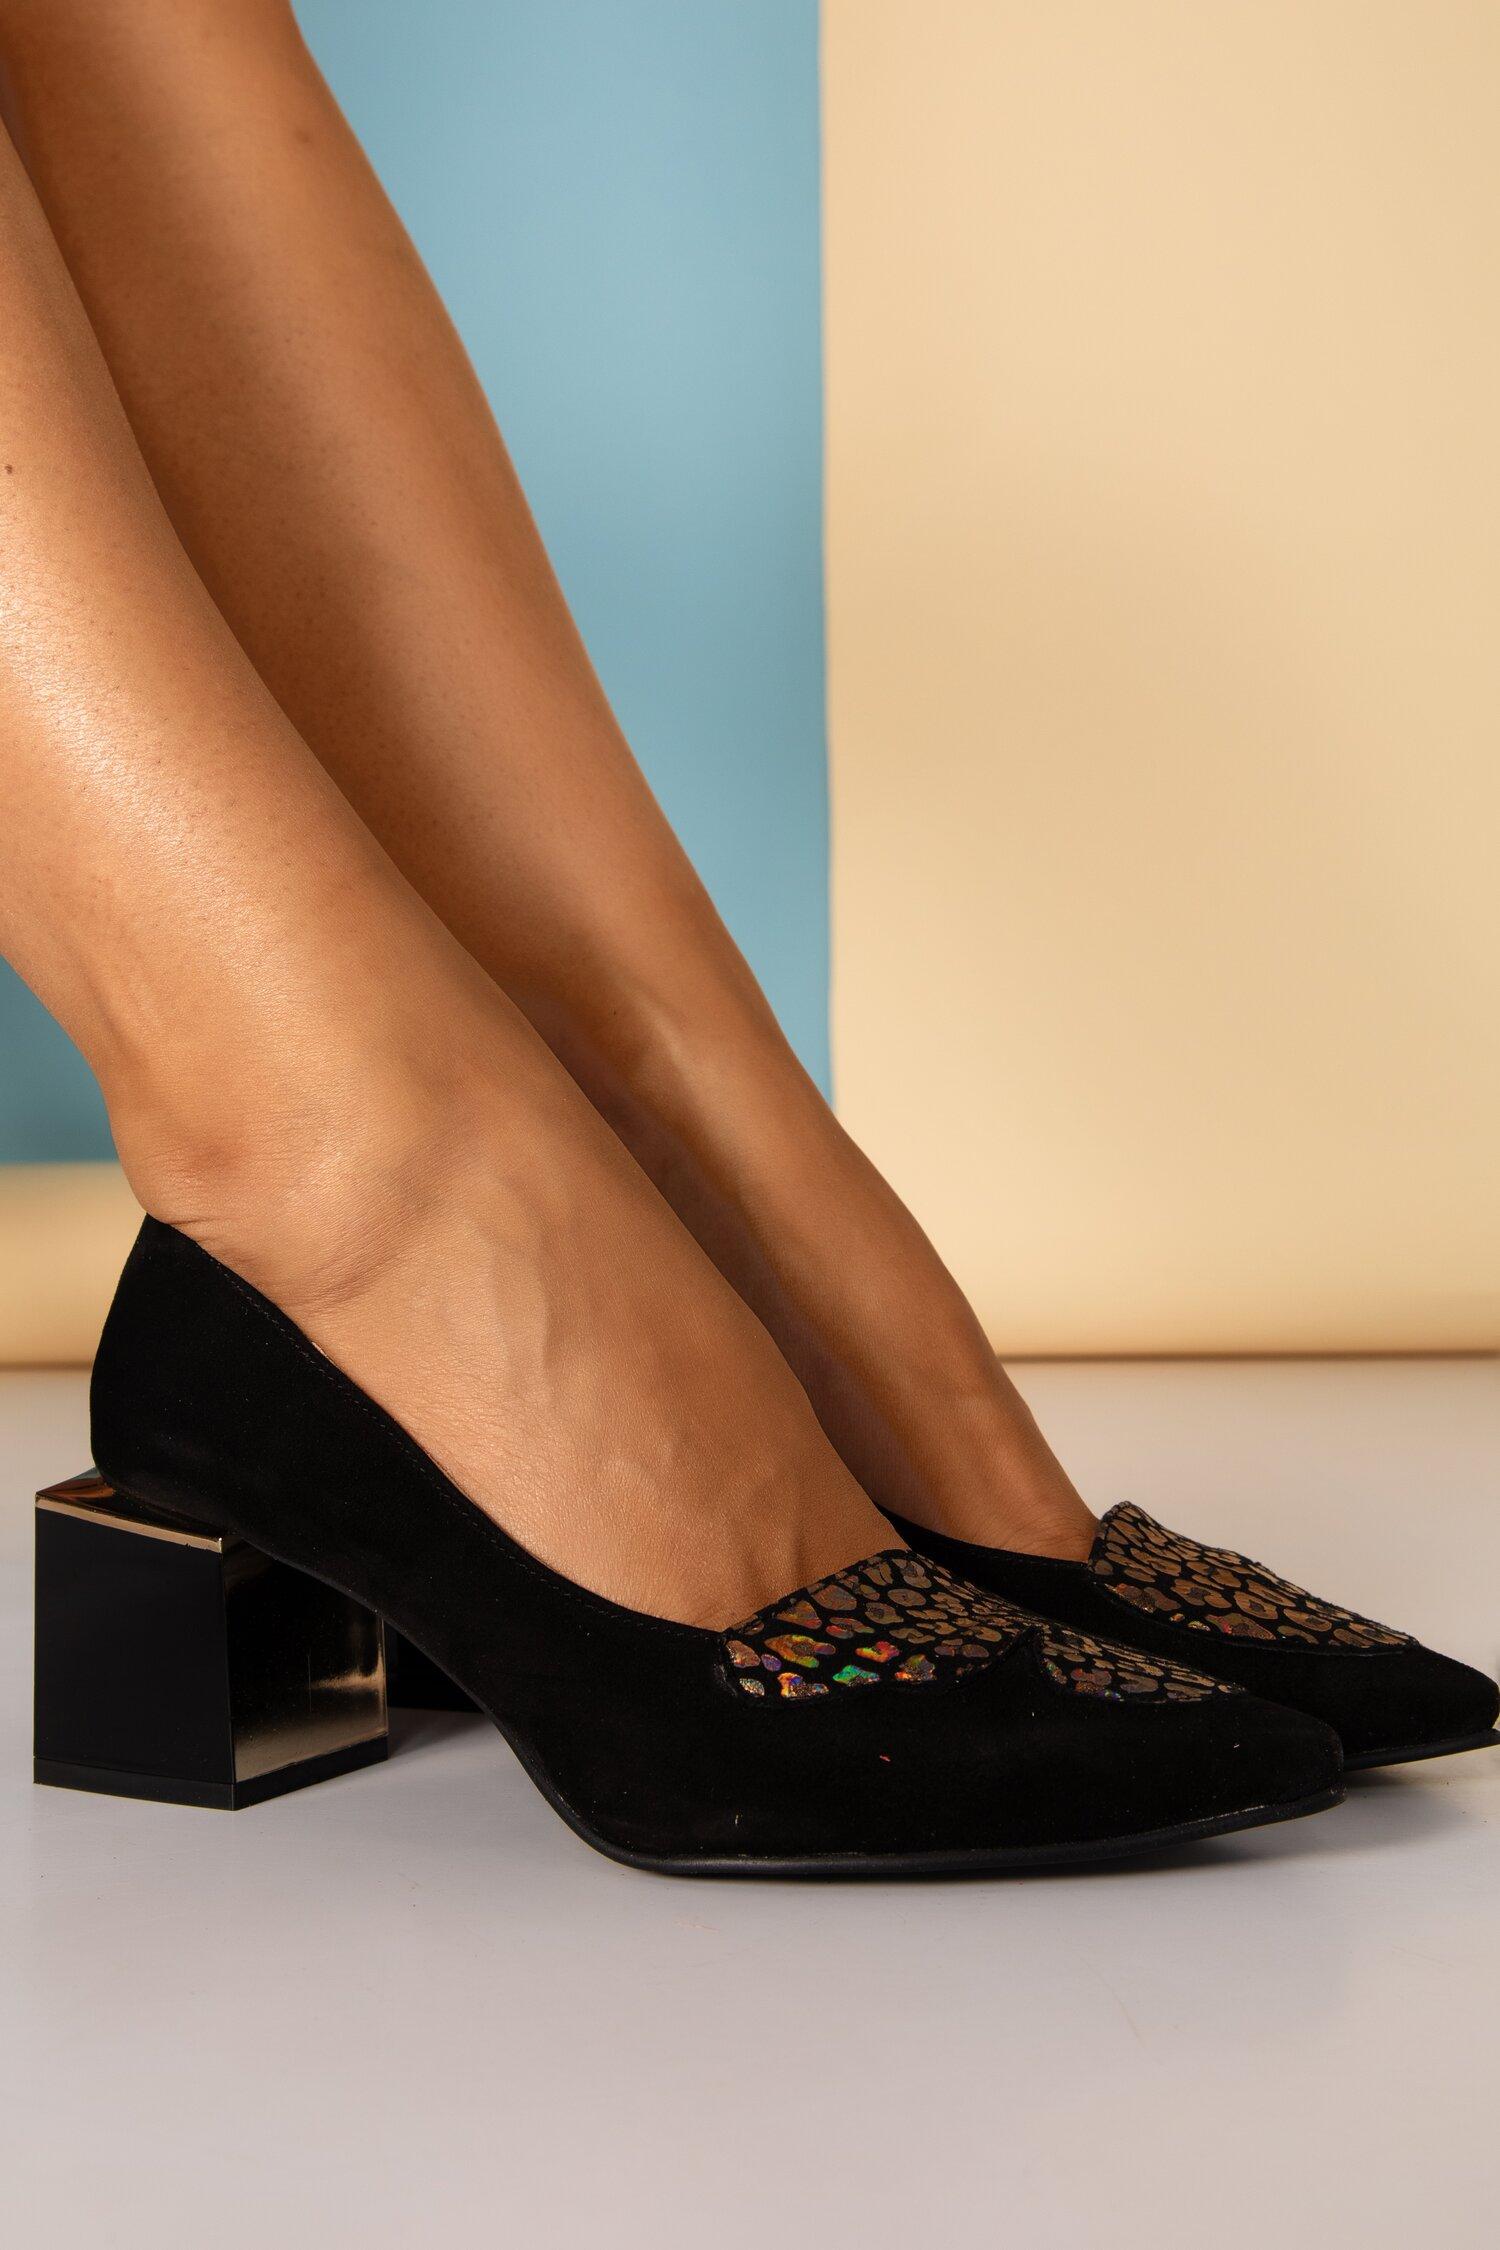 Pantofi negri eleganti cu aplicatie stralucitoare si toc stilizat